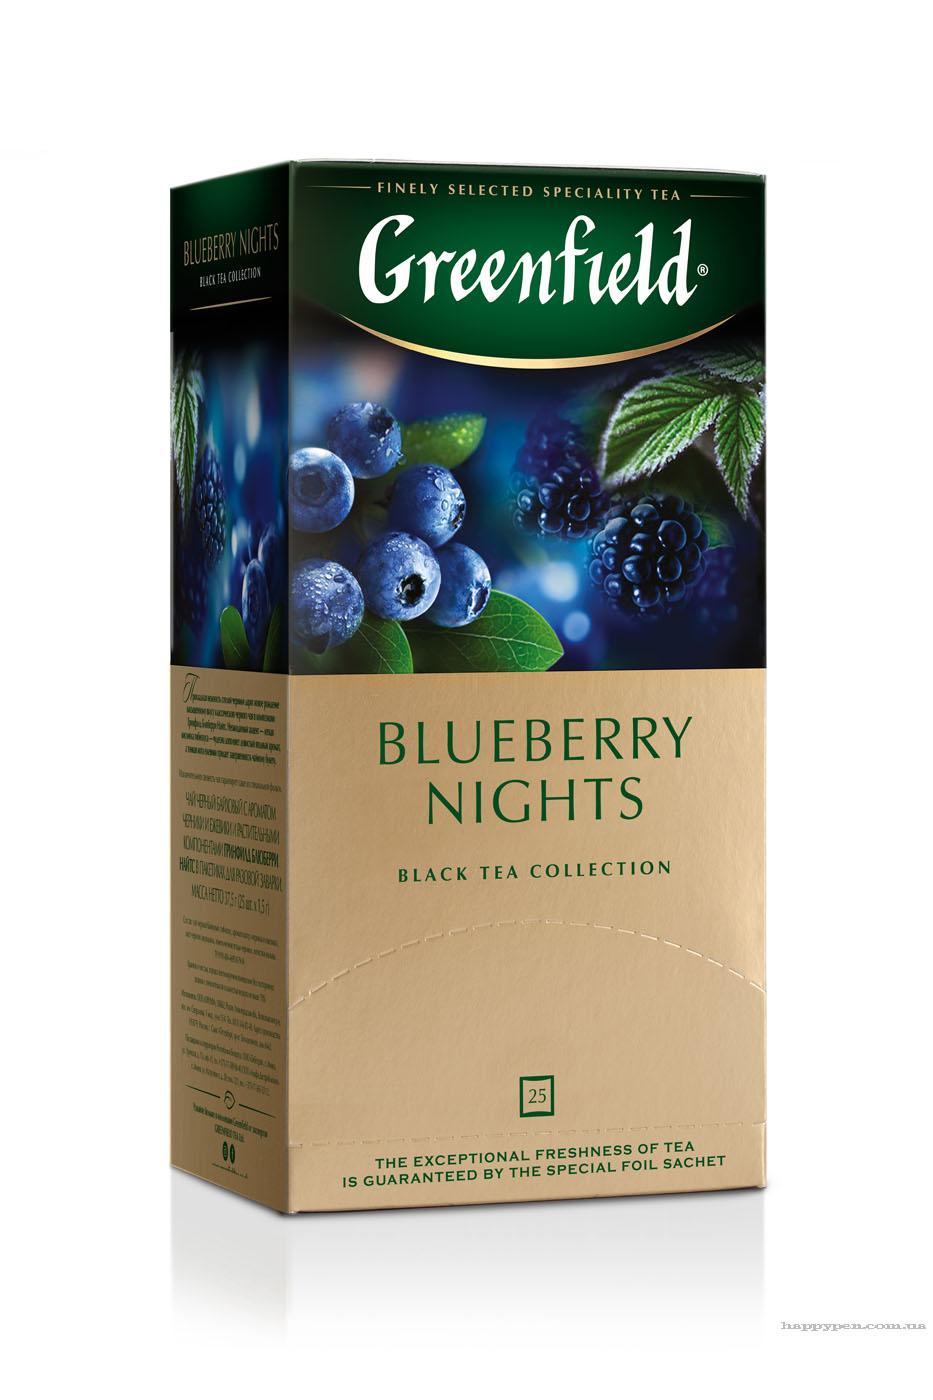 Чай черный ароматизированный Bluberry Nights 25пак. по 1,5гр., термосаше Greenfield - фото 1